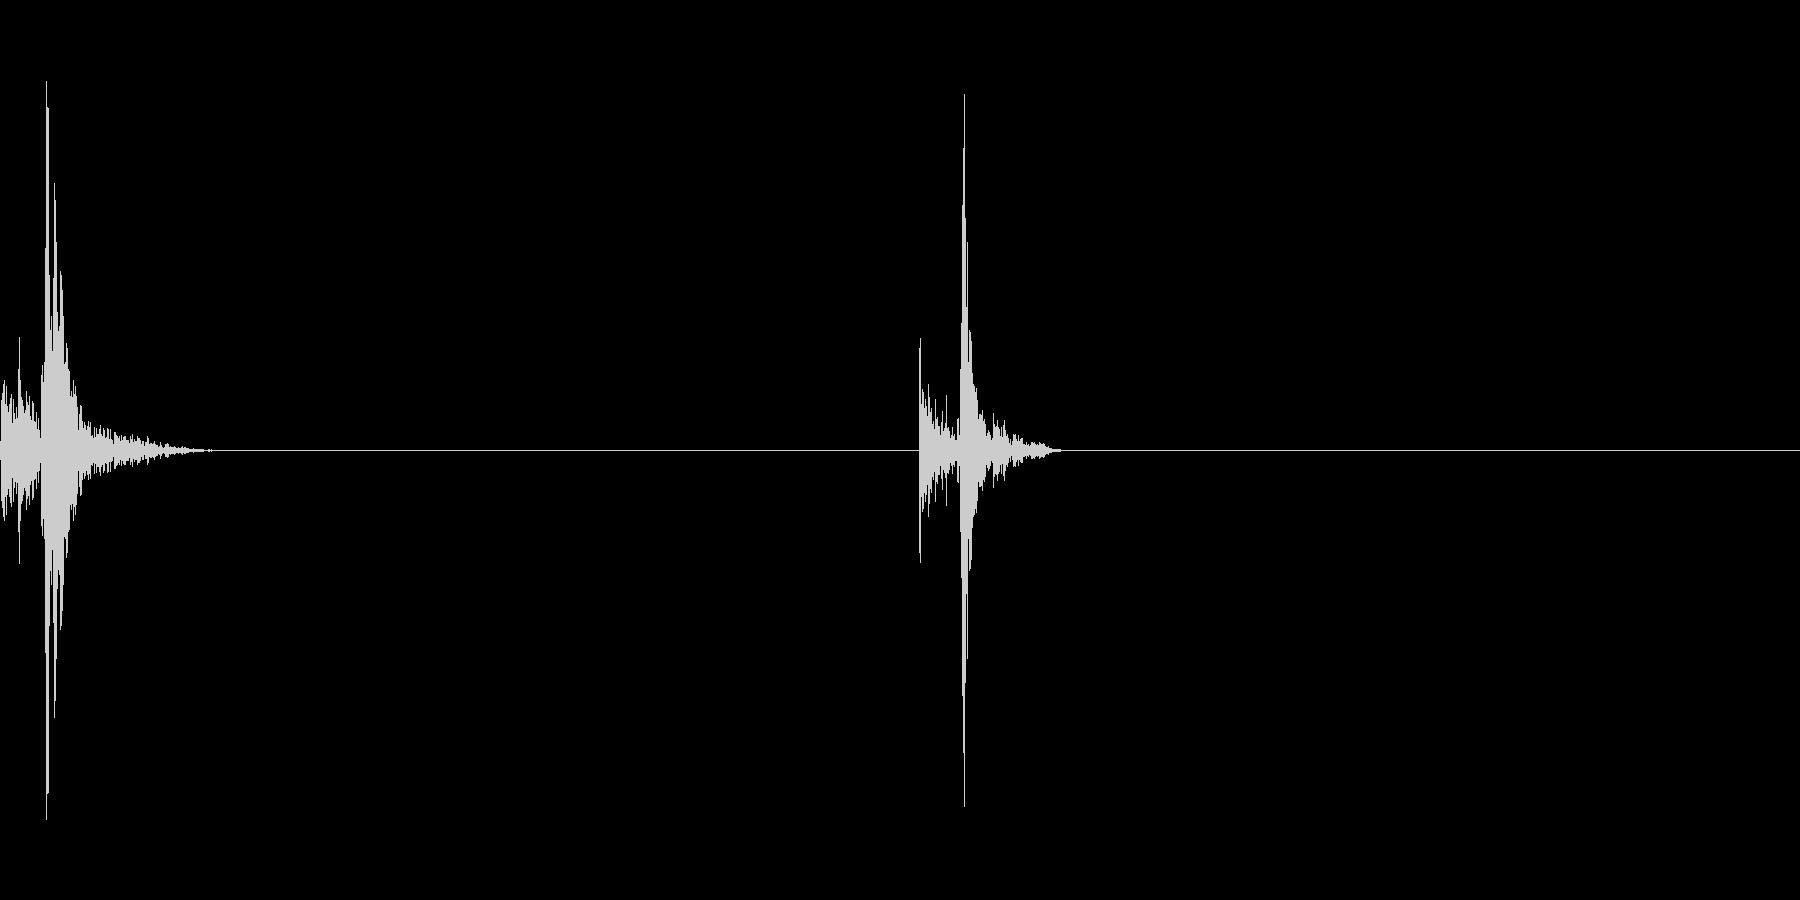 時計、タイマー、ストップウォッチ_C_3の未再生の波形